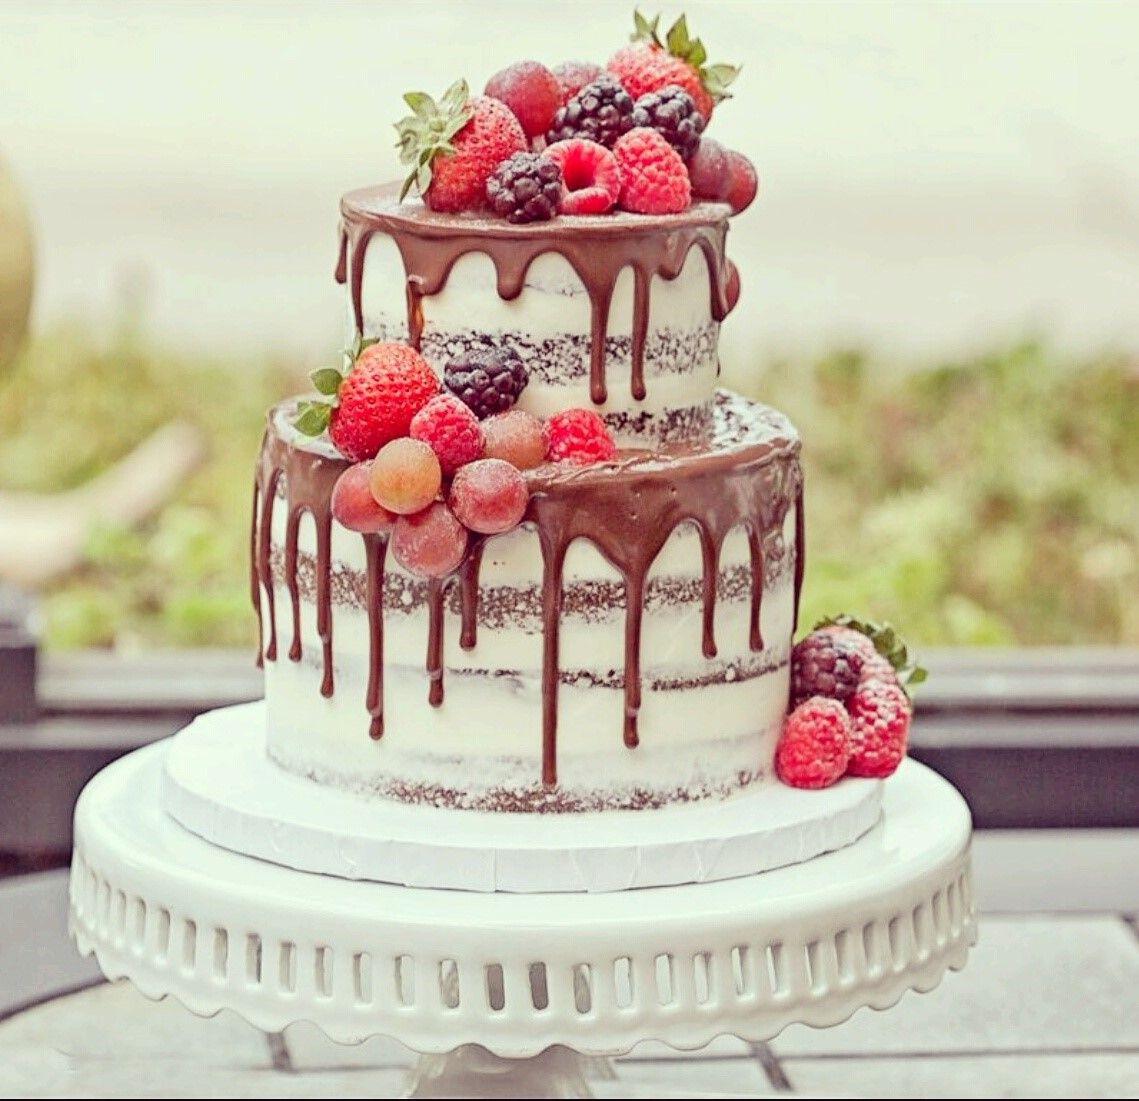 drip cake matrimonio food passione dolci pinterest kuchen hochzeitstorte e geb ck. Black Bedroom Furniture Sets. Home Design Ideas